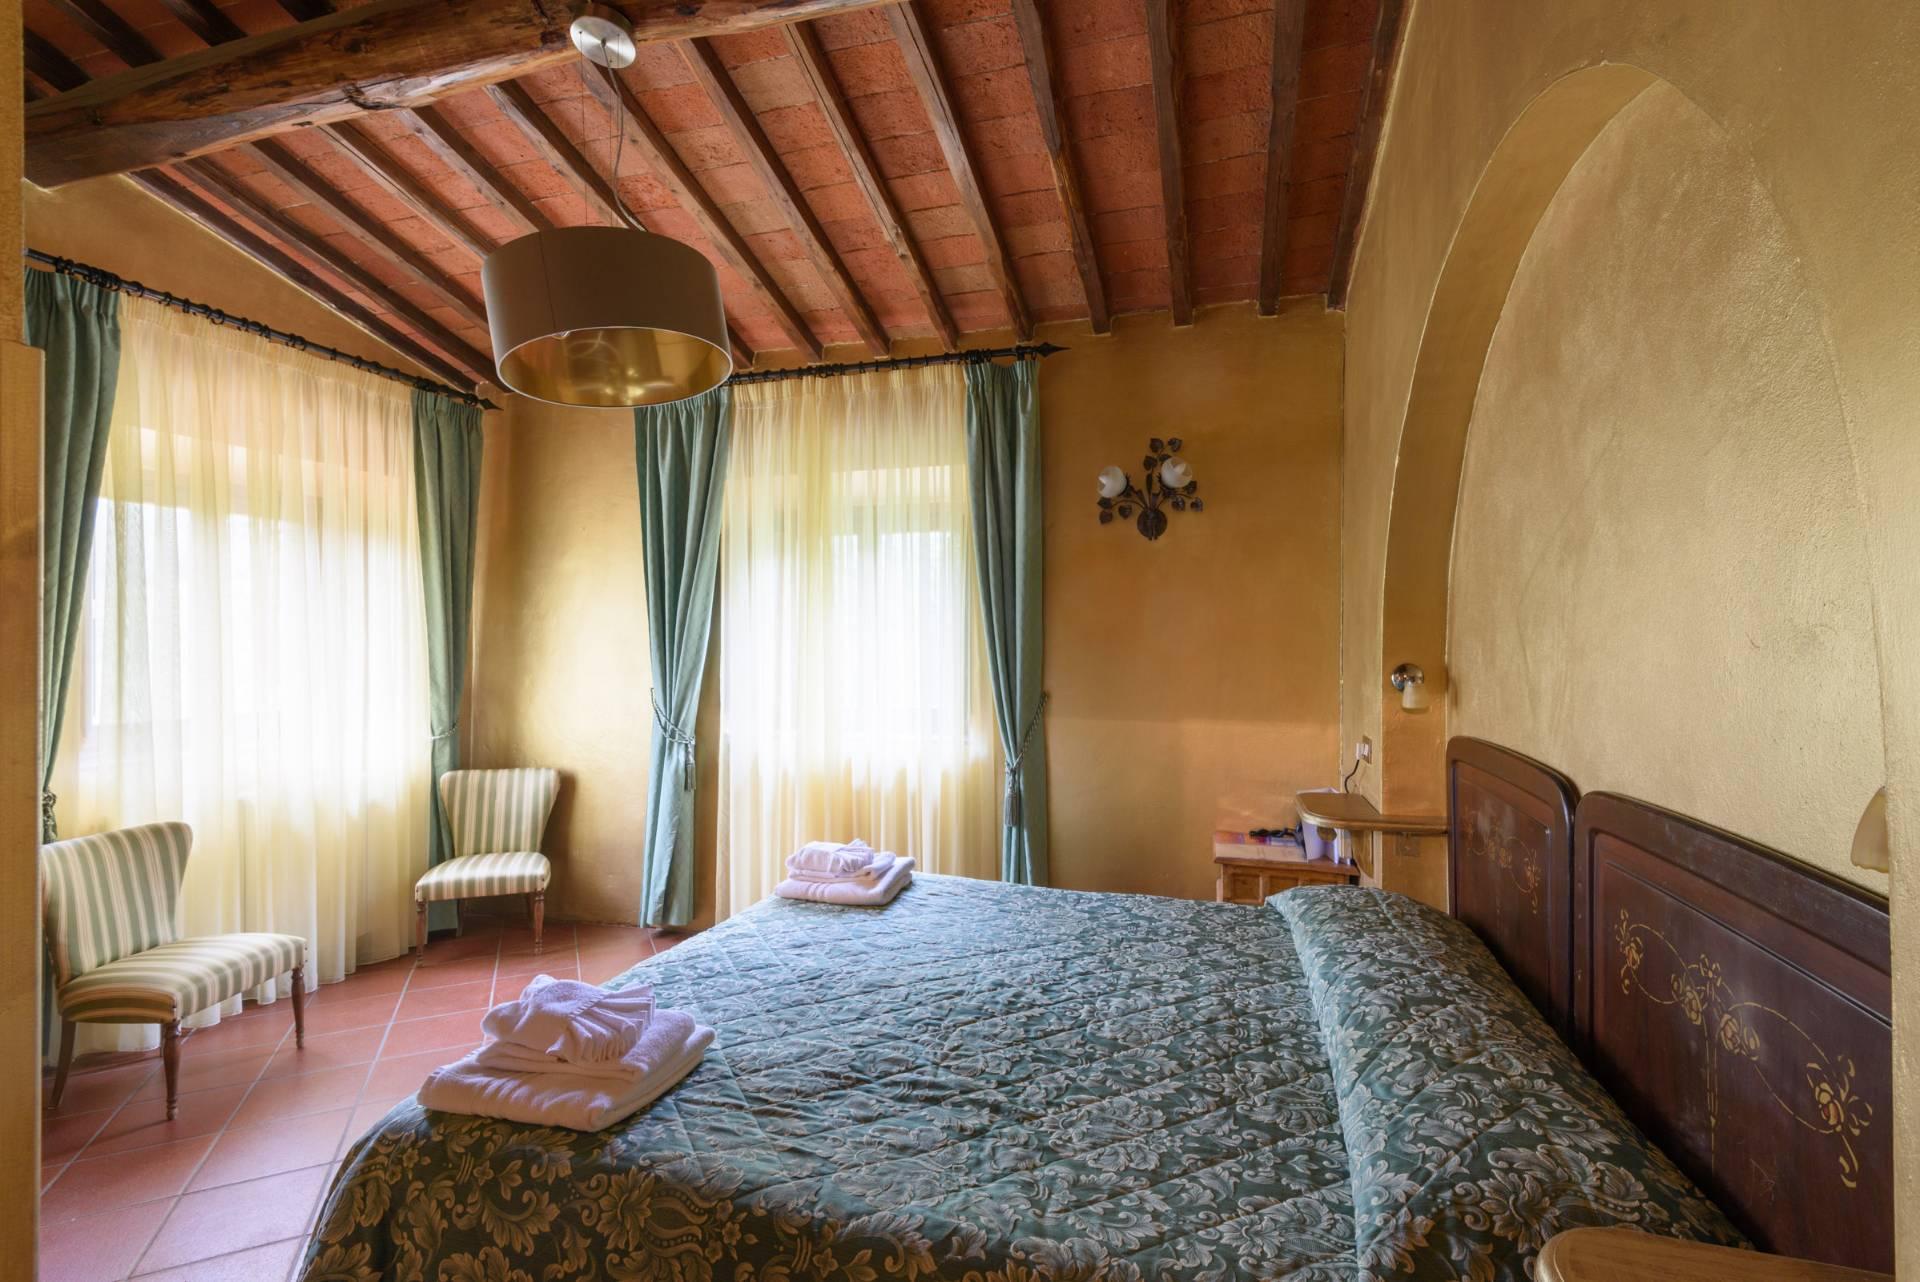 Rustico in Vendita a Gaiole In Chianti: 5 locali, 2170 mq - Foto 30